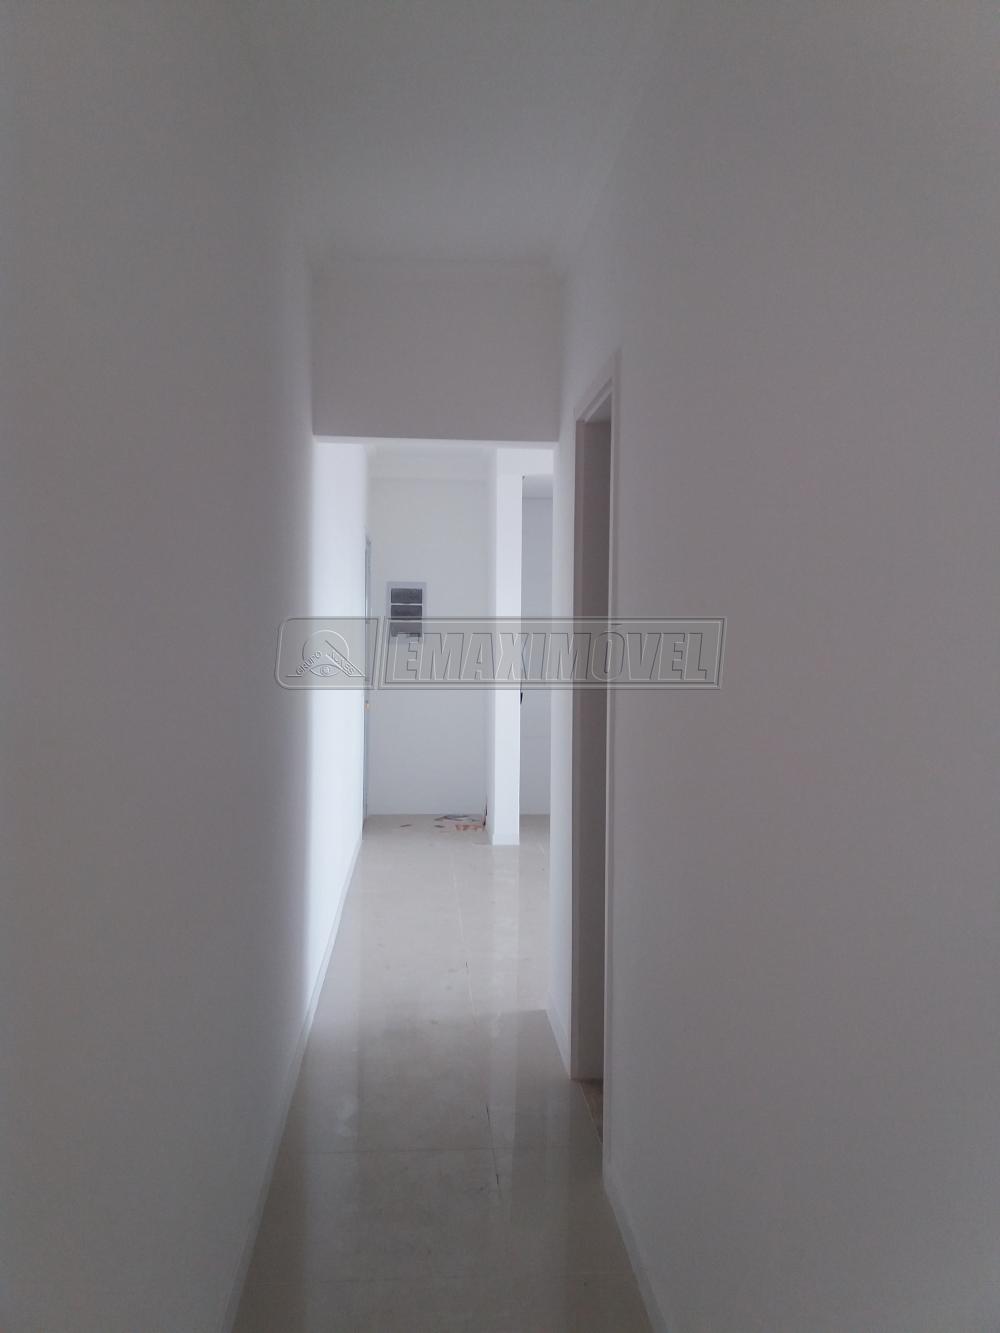 Comprar Apartamentos / Apto Padrão em Sorocaba apenas R$ 535.000,00 - Foto 25